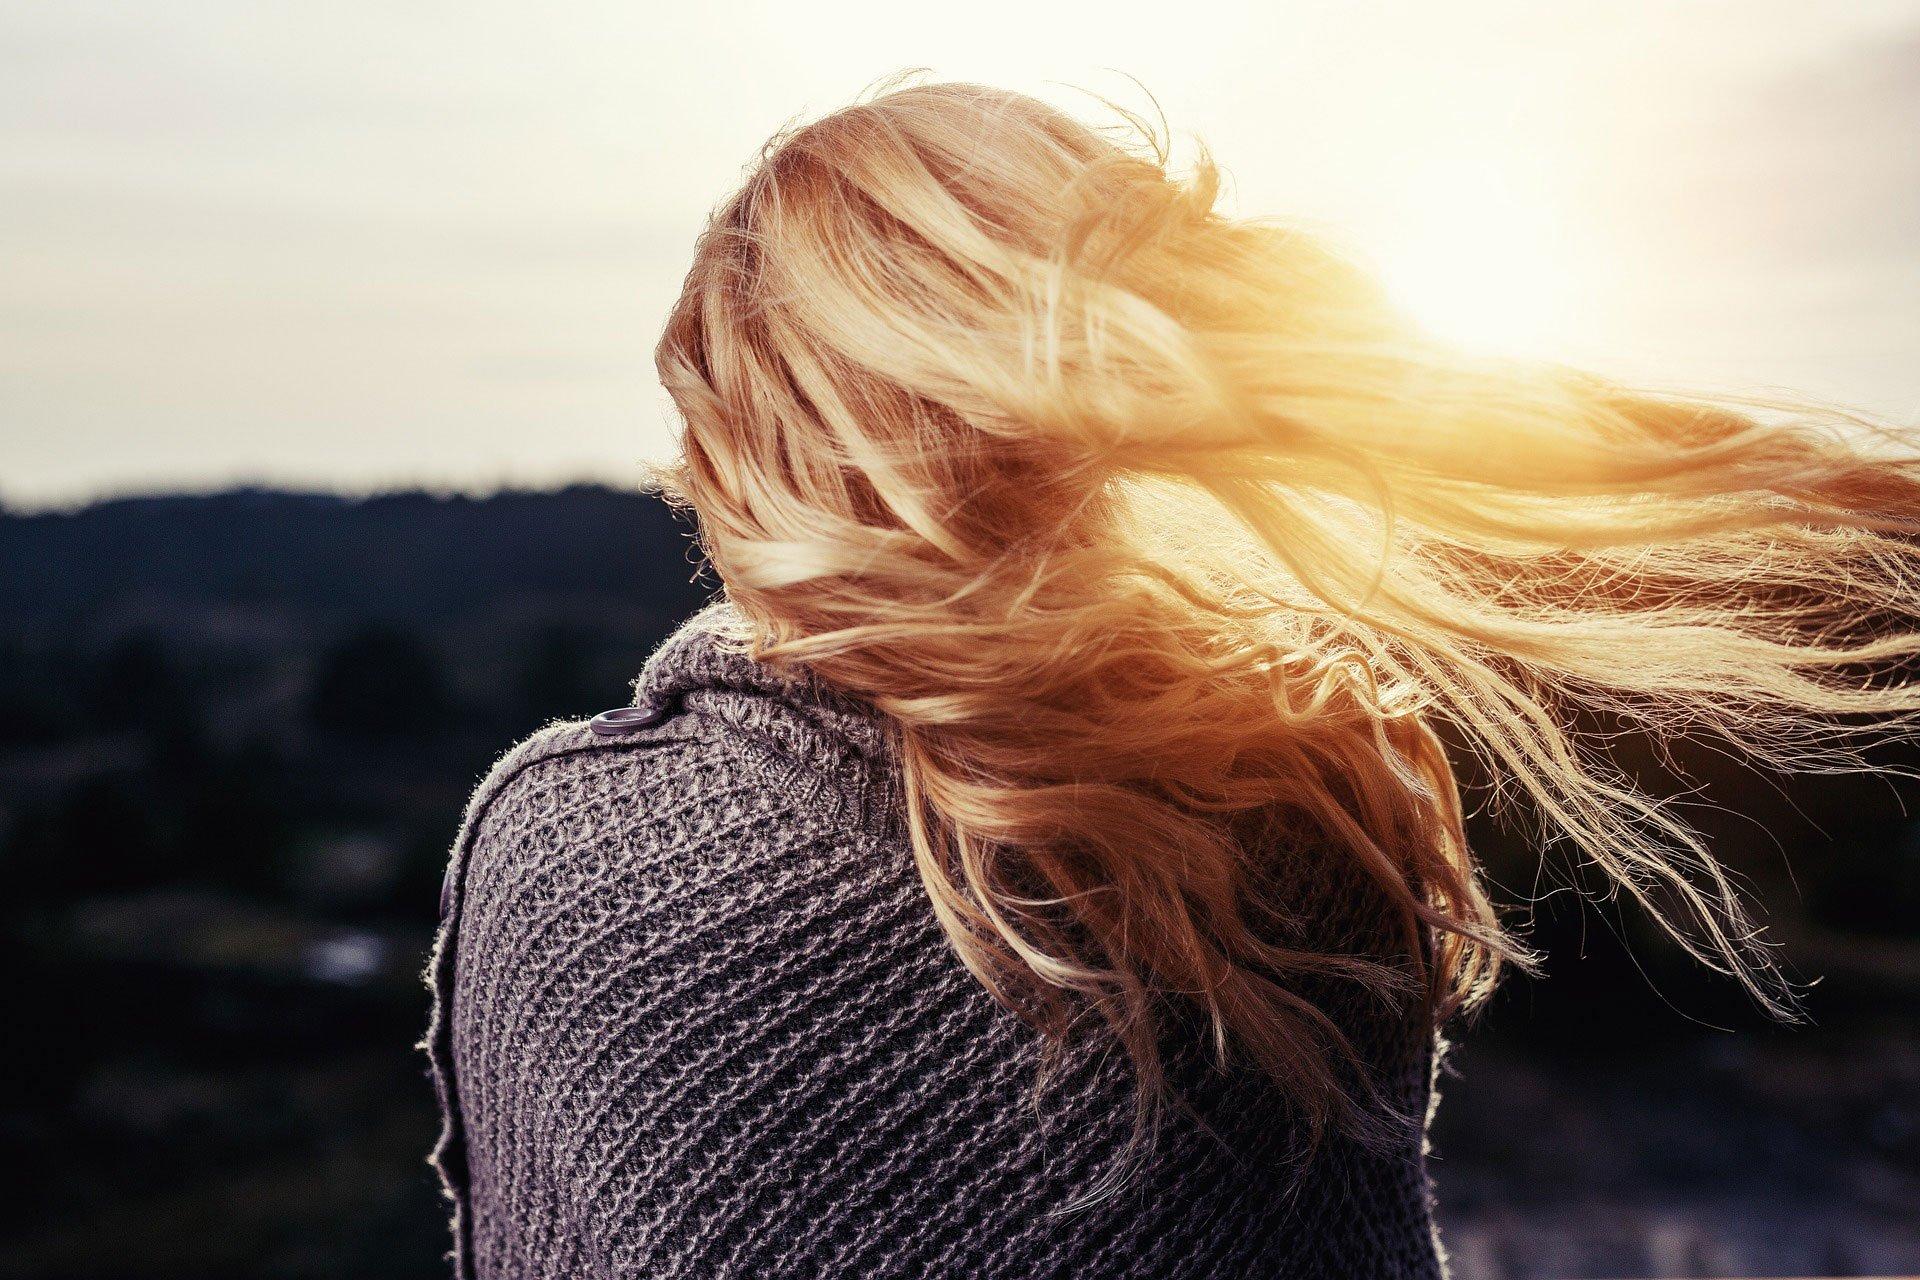 Come Tingere i capelli a casa: consigli e piccole regole da seguire